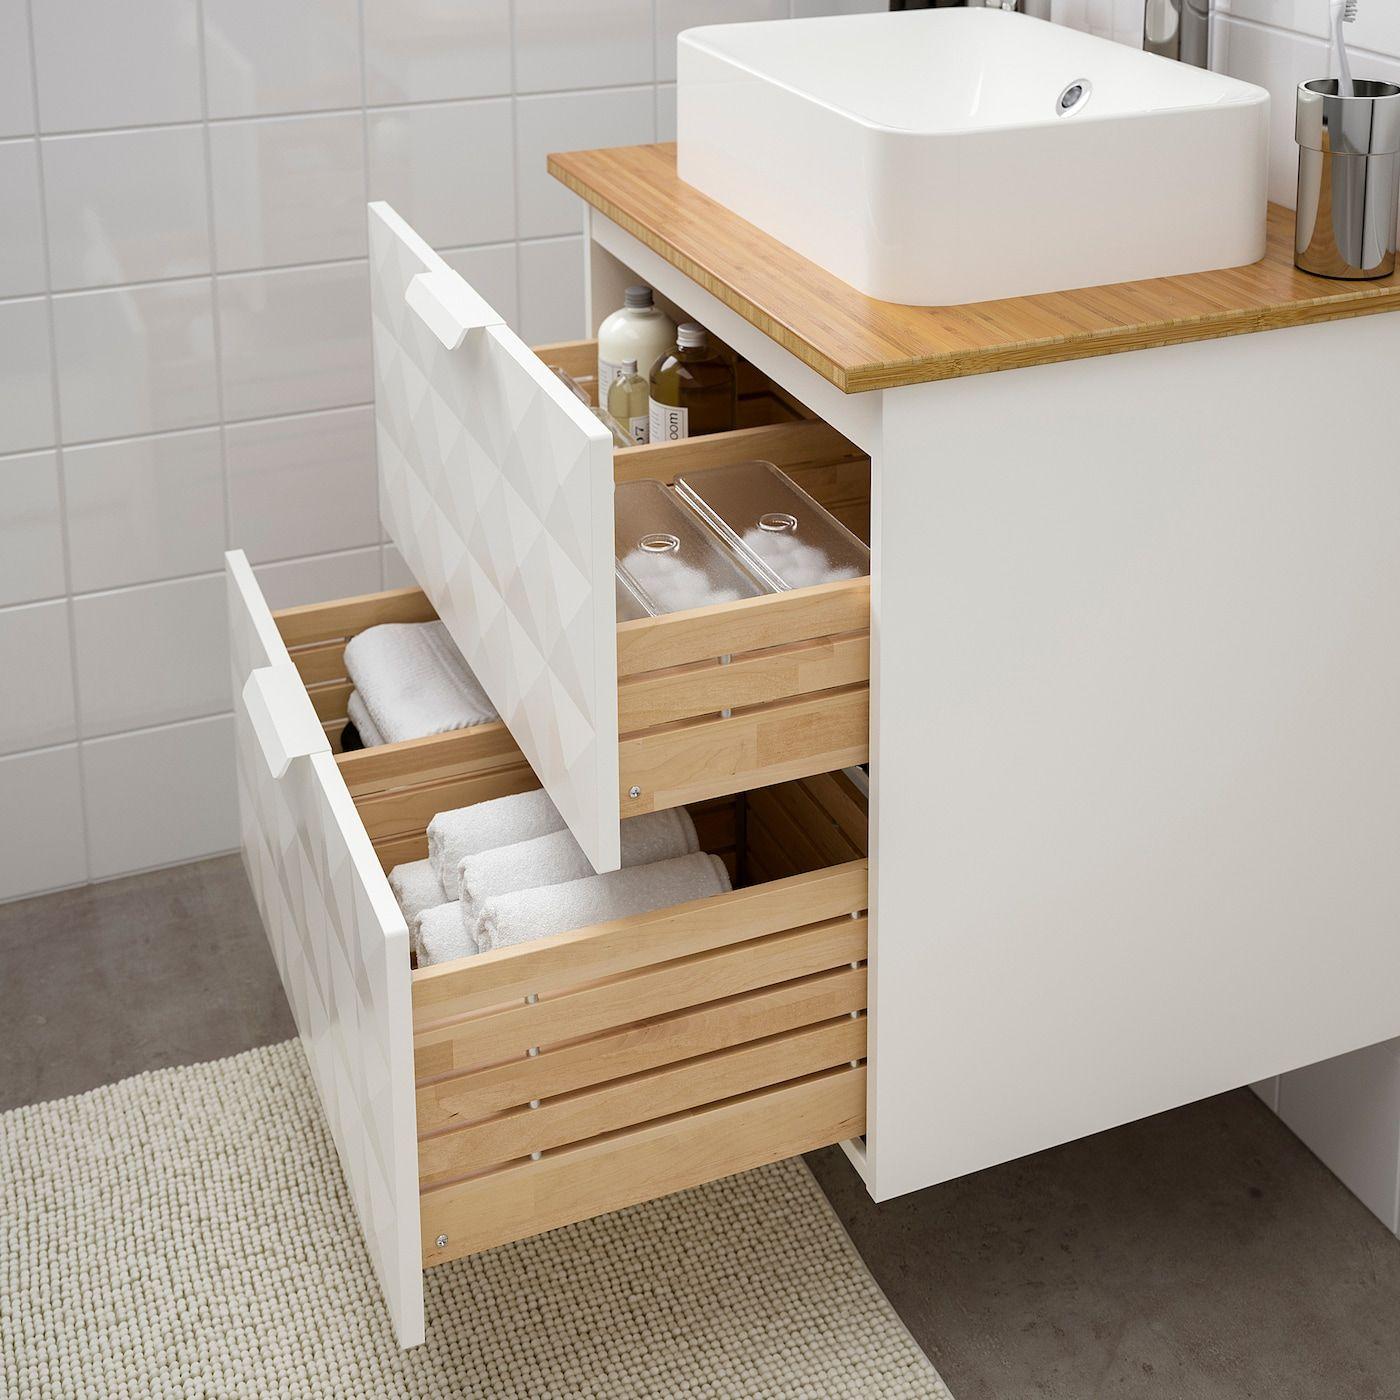 Ikea Godmorgon Tolken Horvik Waschbeckenschr Aufsatzwaschb 45x32 Resjon Weiss Bambus Brogrund Mischb In 2020 Ikea Godmorgon Waschbeckenschrank Badezimmerwaschtisch